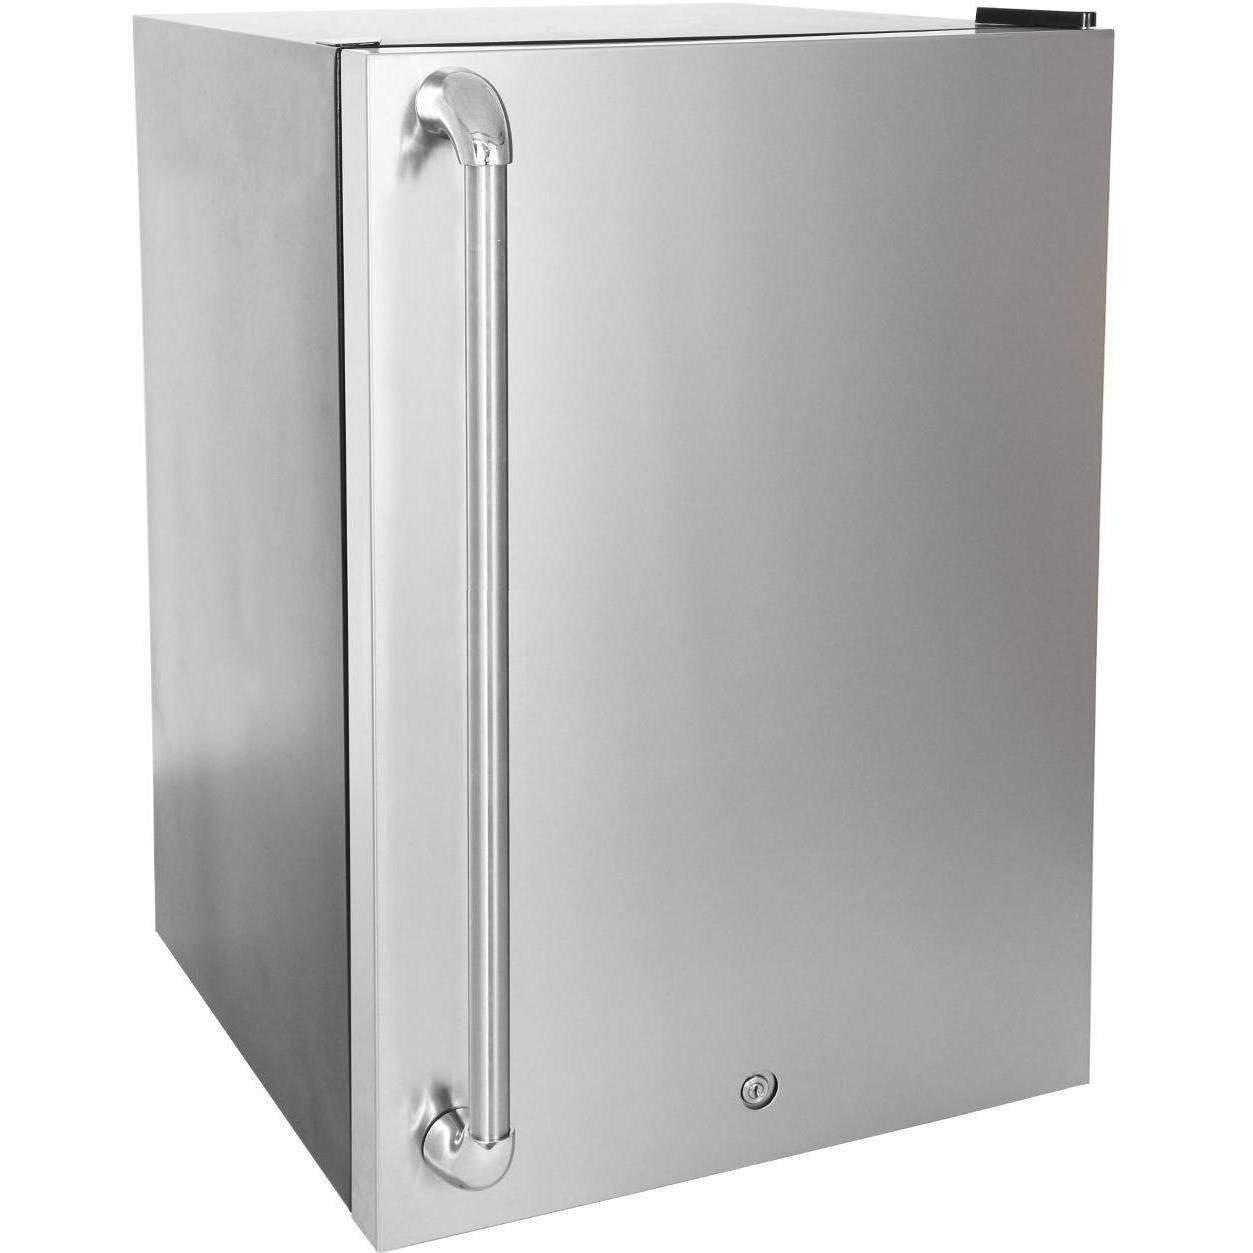 Blaze Stainless Front Door Upgrade 4.5 for Right Hinge (BLZ-SSRF130-BLZ-SSFP-4-5)